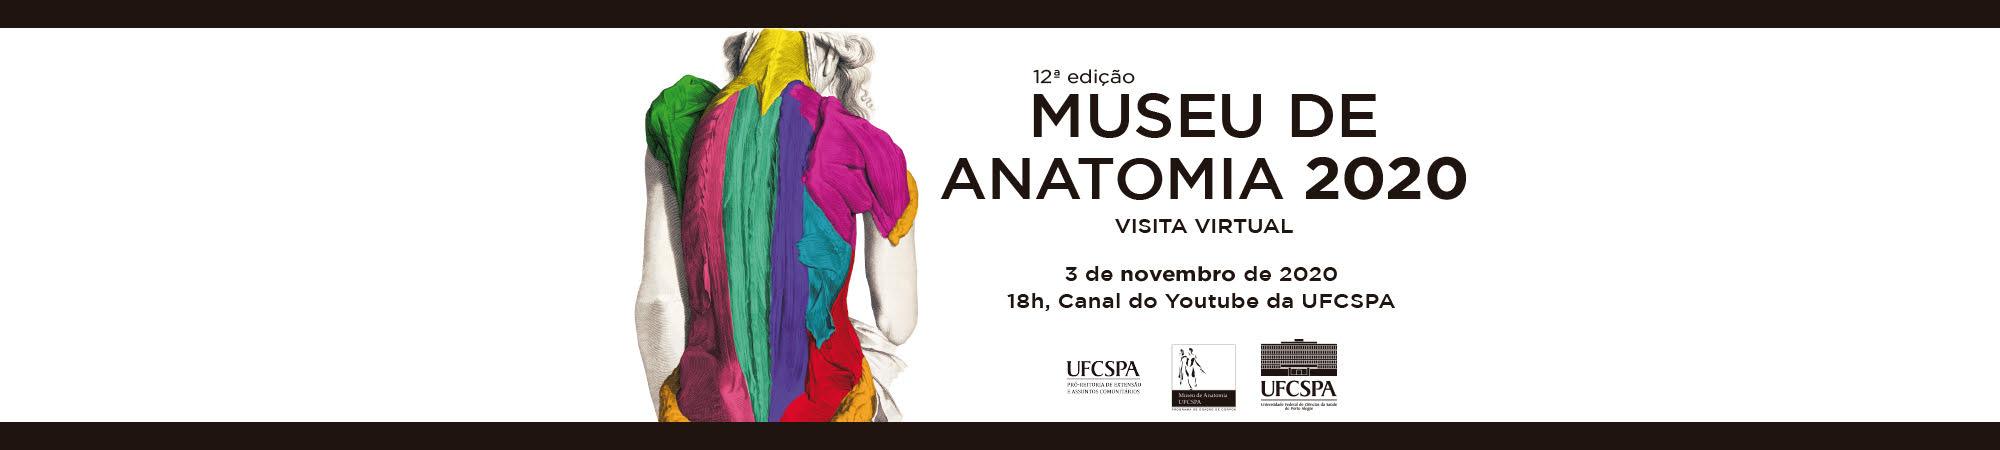 HOME JUMBO - Museu de Anatomia 2020